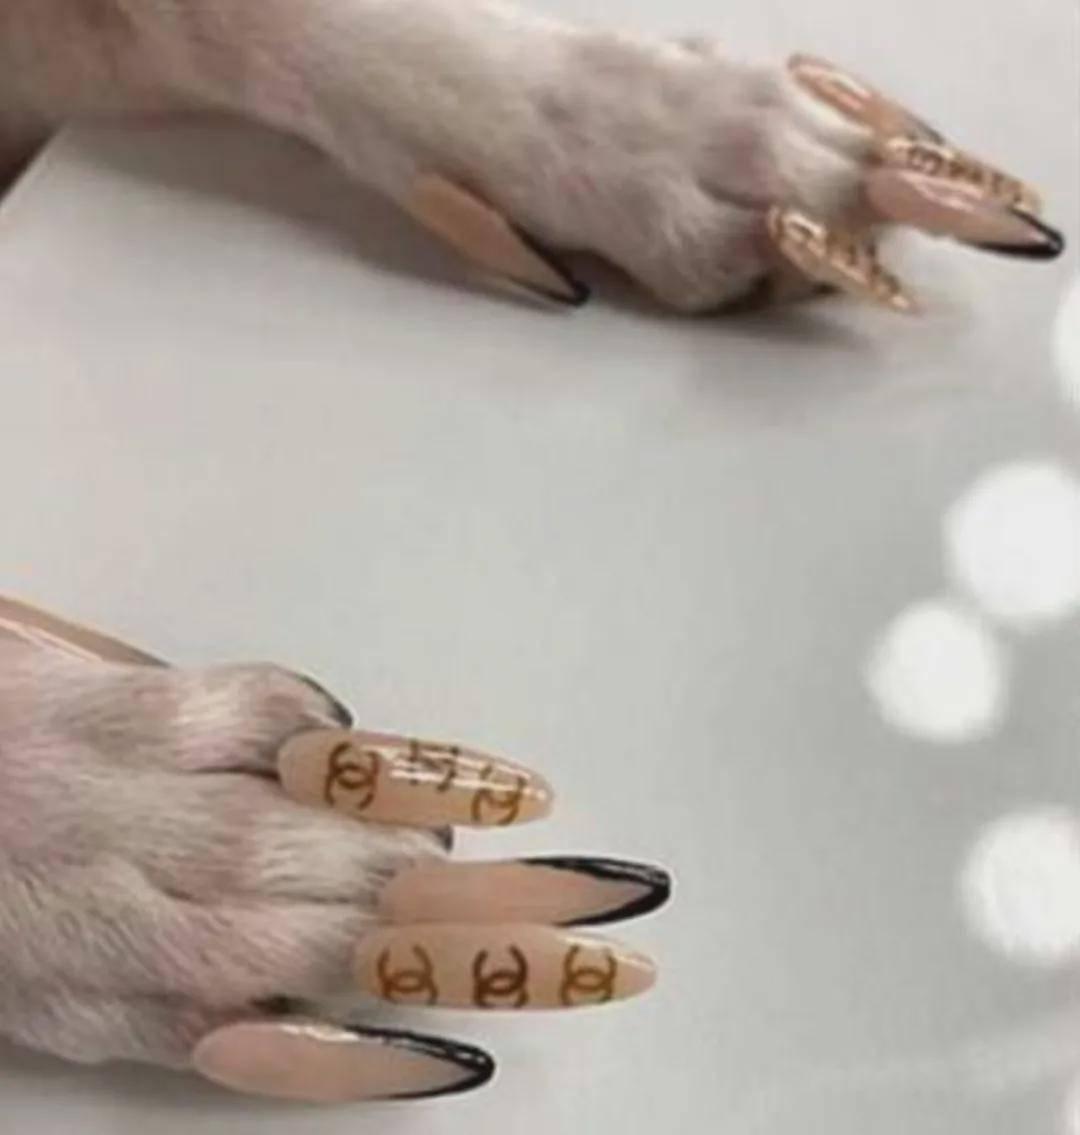 网红带狗直播,吸引2000万人观看,网友却说:这就是虐狗